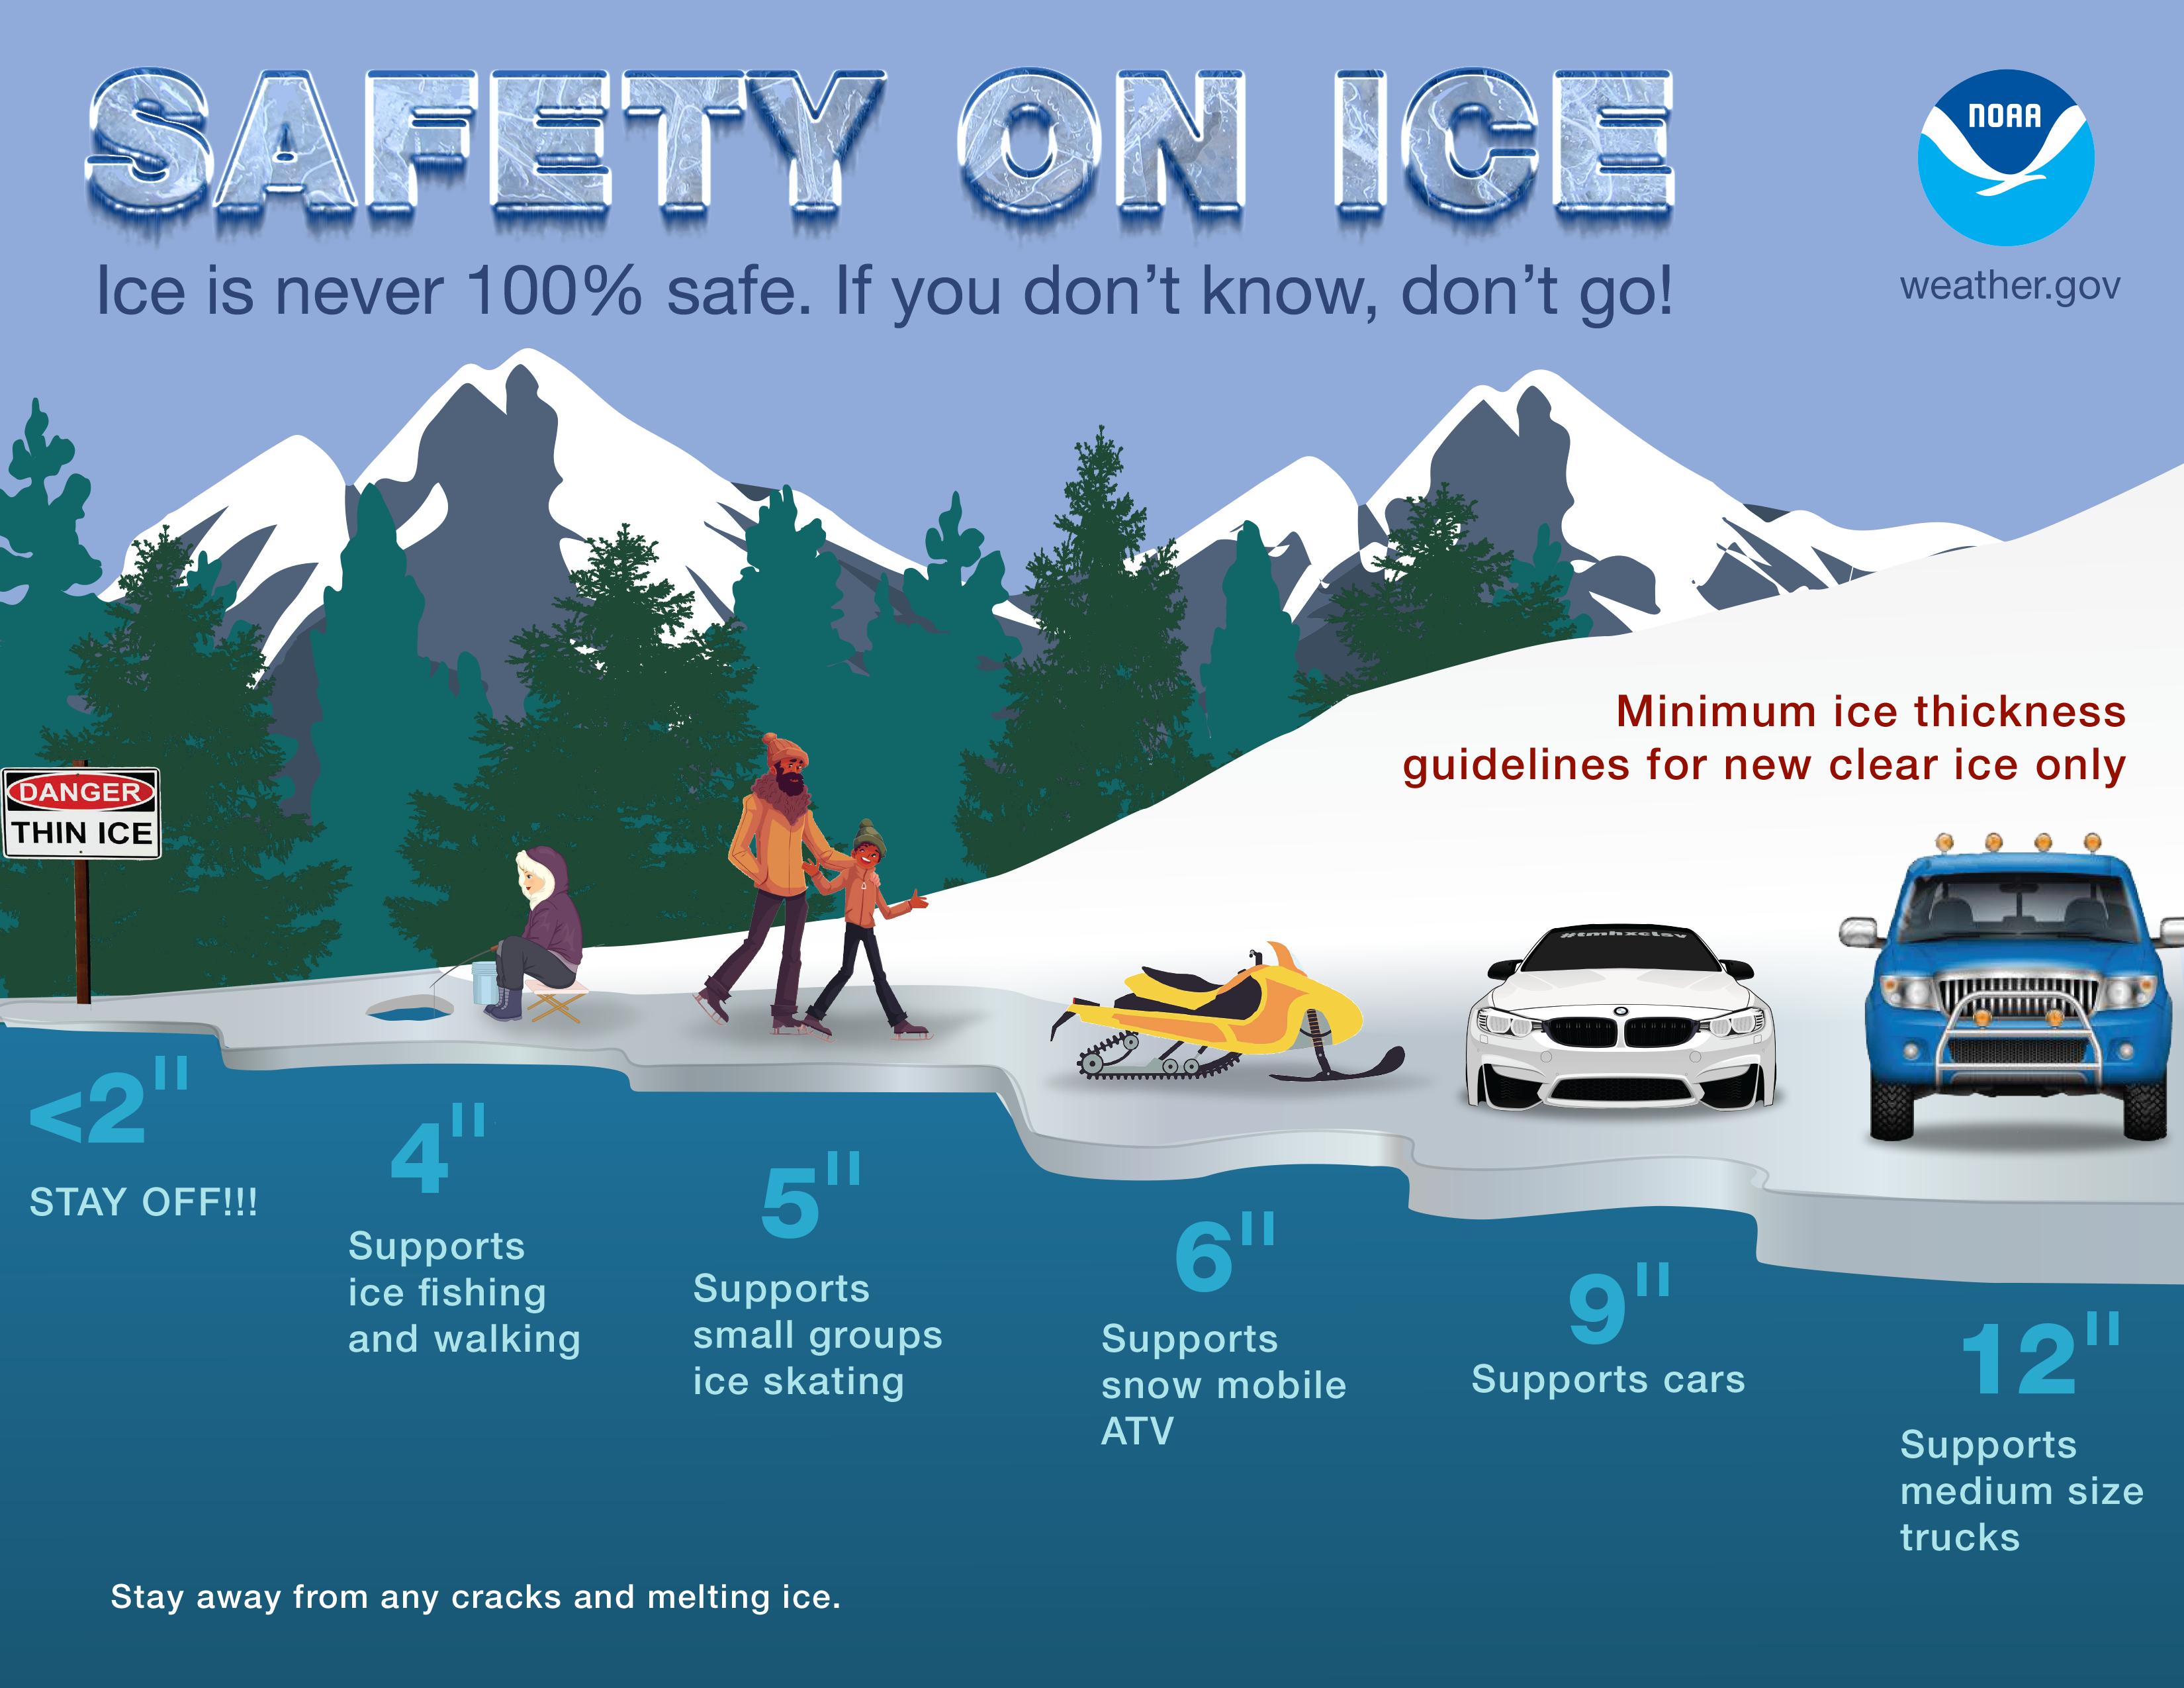 Safety on Ice